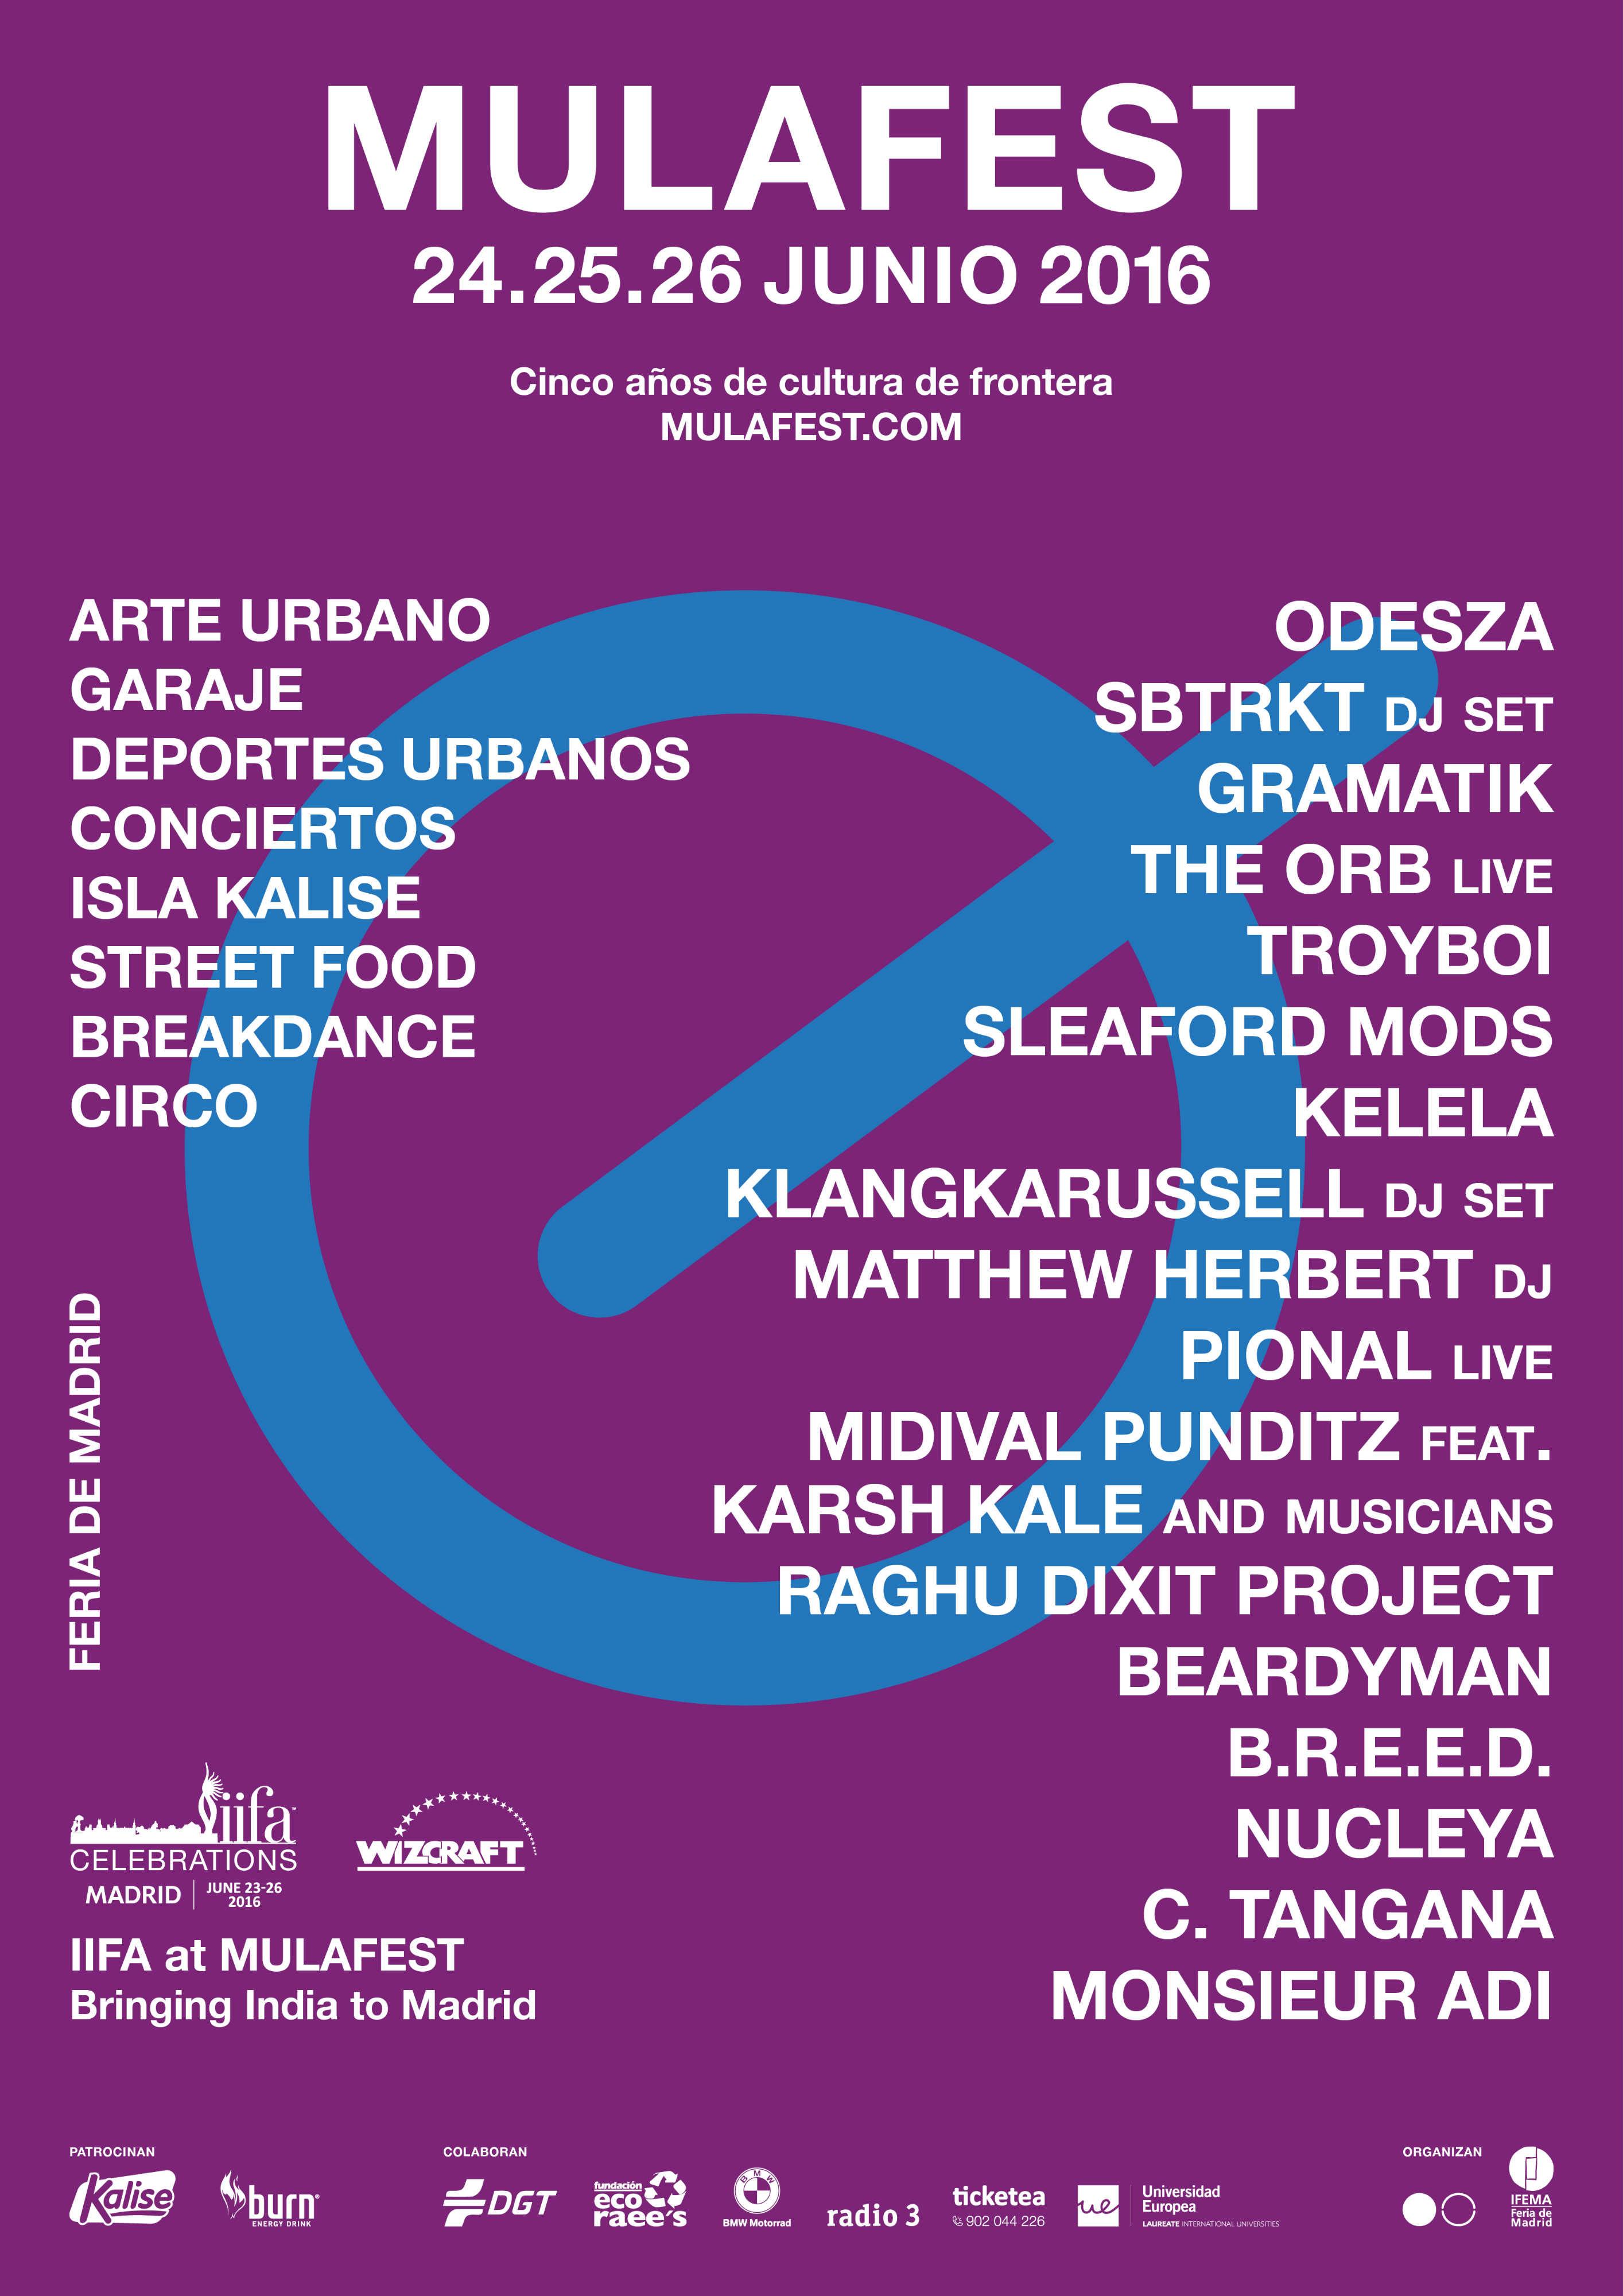 Cartel Mulafest edición 2016